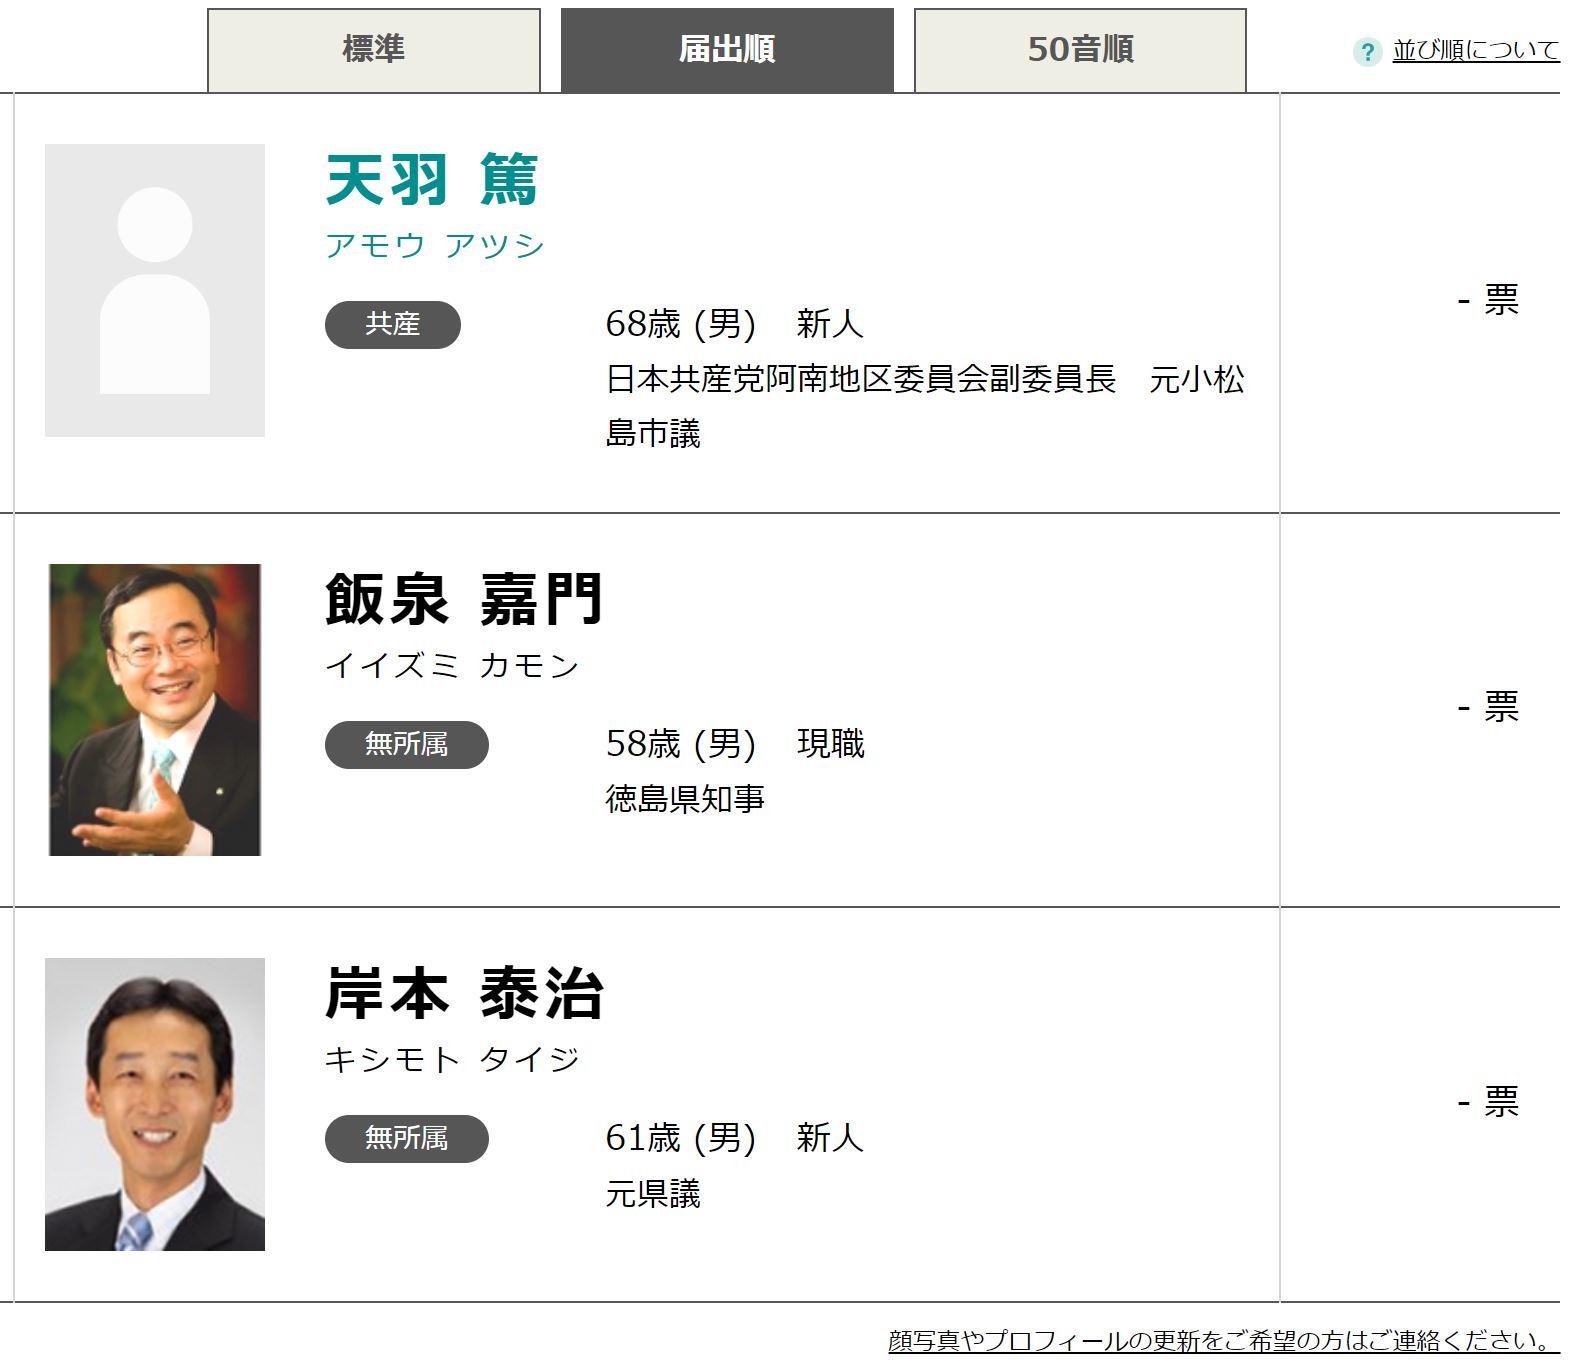 2019年統一地方選挙が始まる|11道府県知事選に全国で30人が立候補